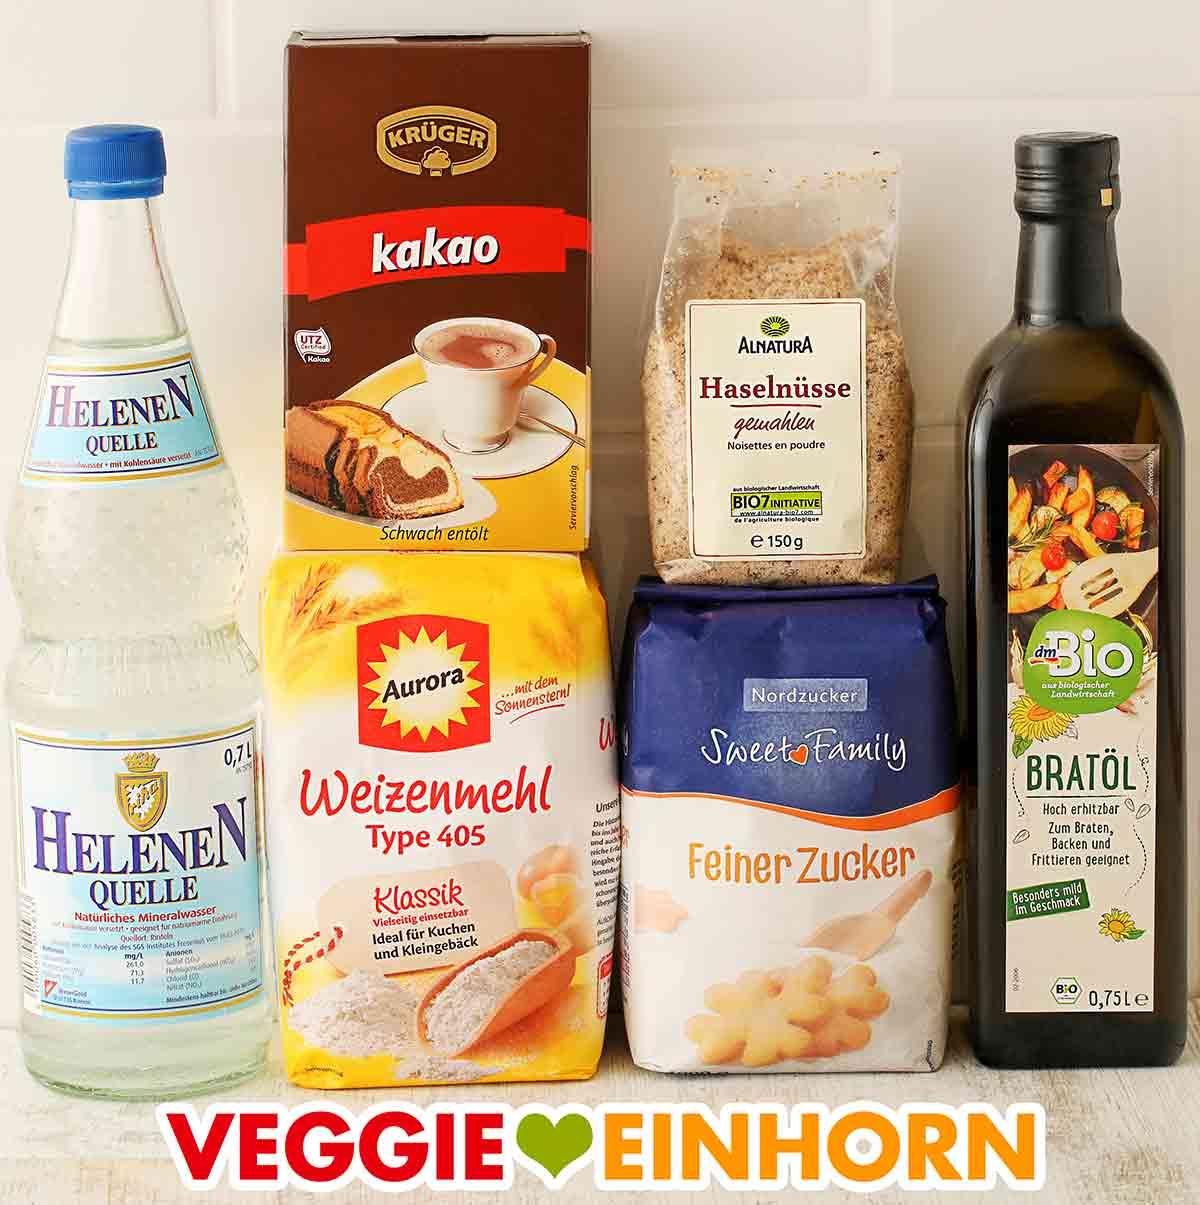 Mineralwasser, Kakaopulver, Weizenmehl Type 405, gemahlene Nüsse, Zucker, neutrales Öl